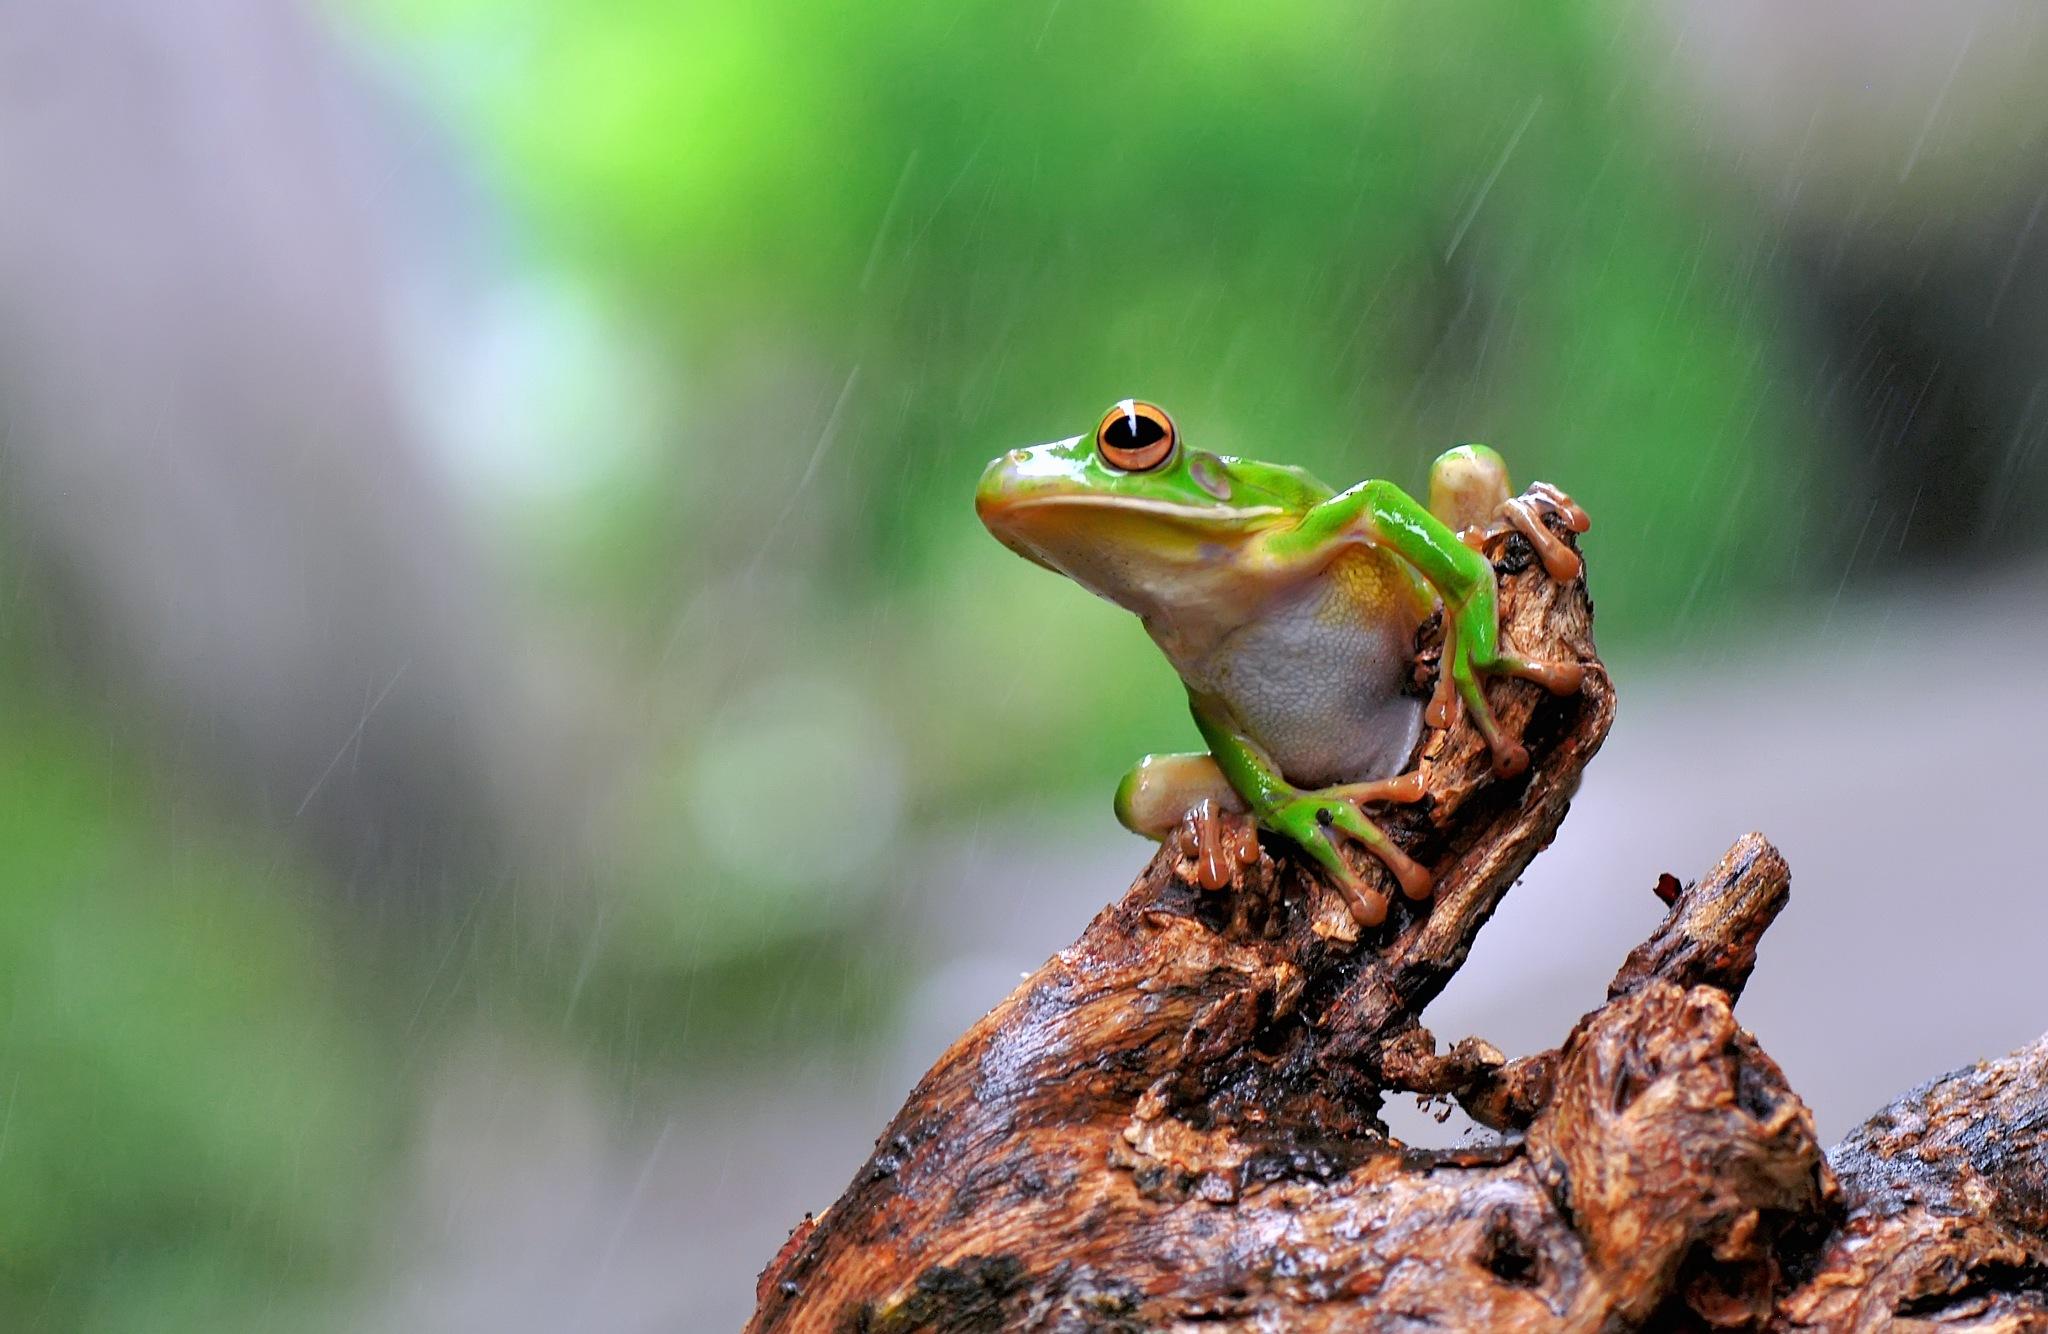 Frog,Dumpy Frog, by ujangwahyudin